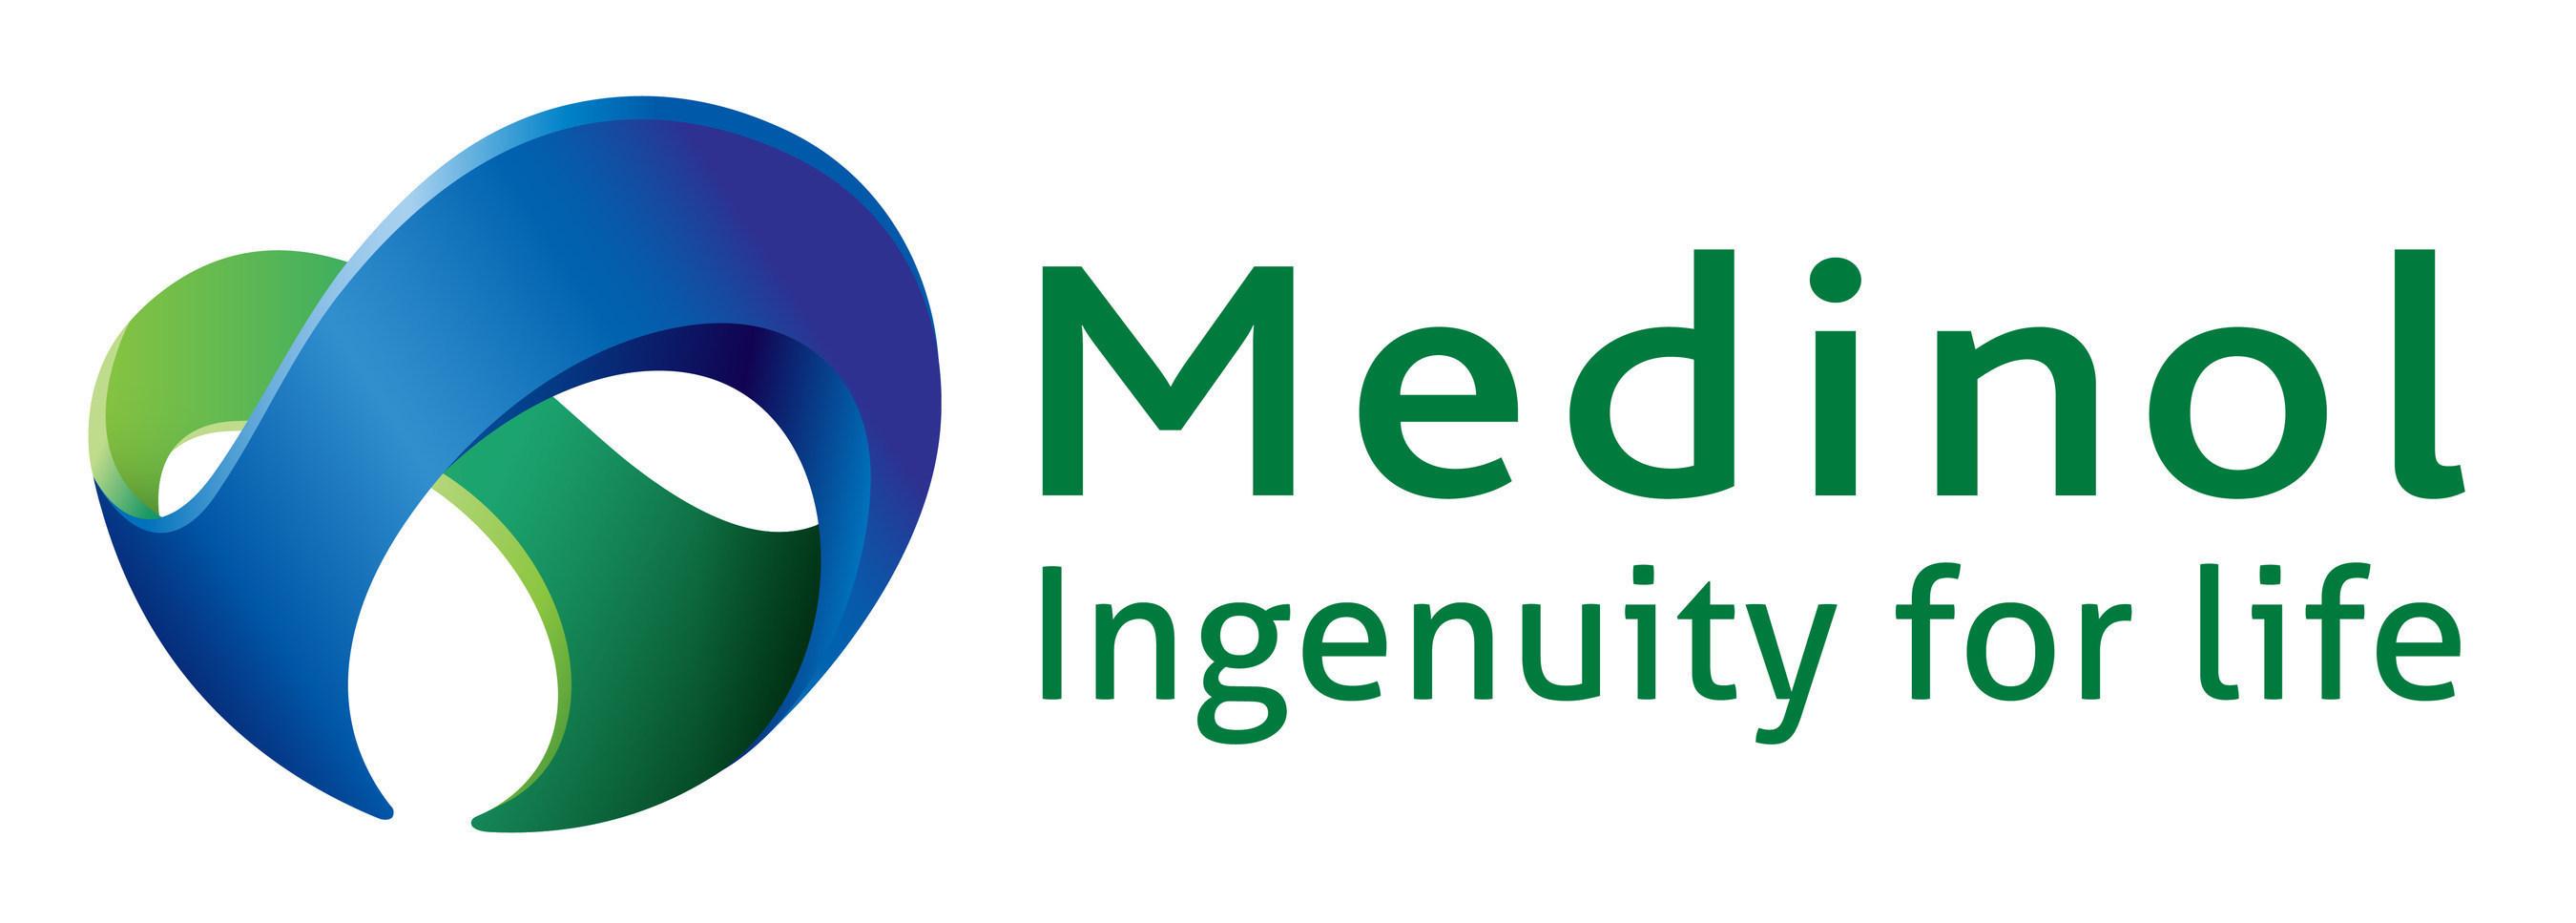 Medinol logo (PRNewsFoto/Medinol)